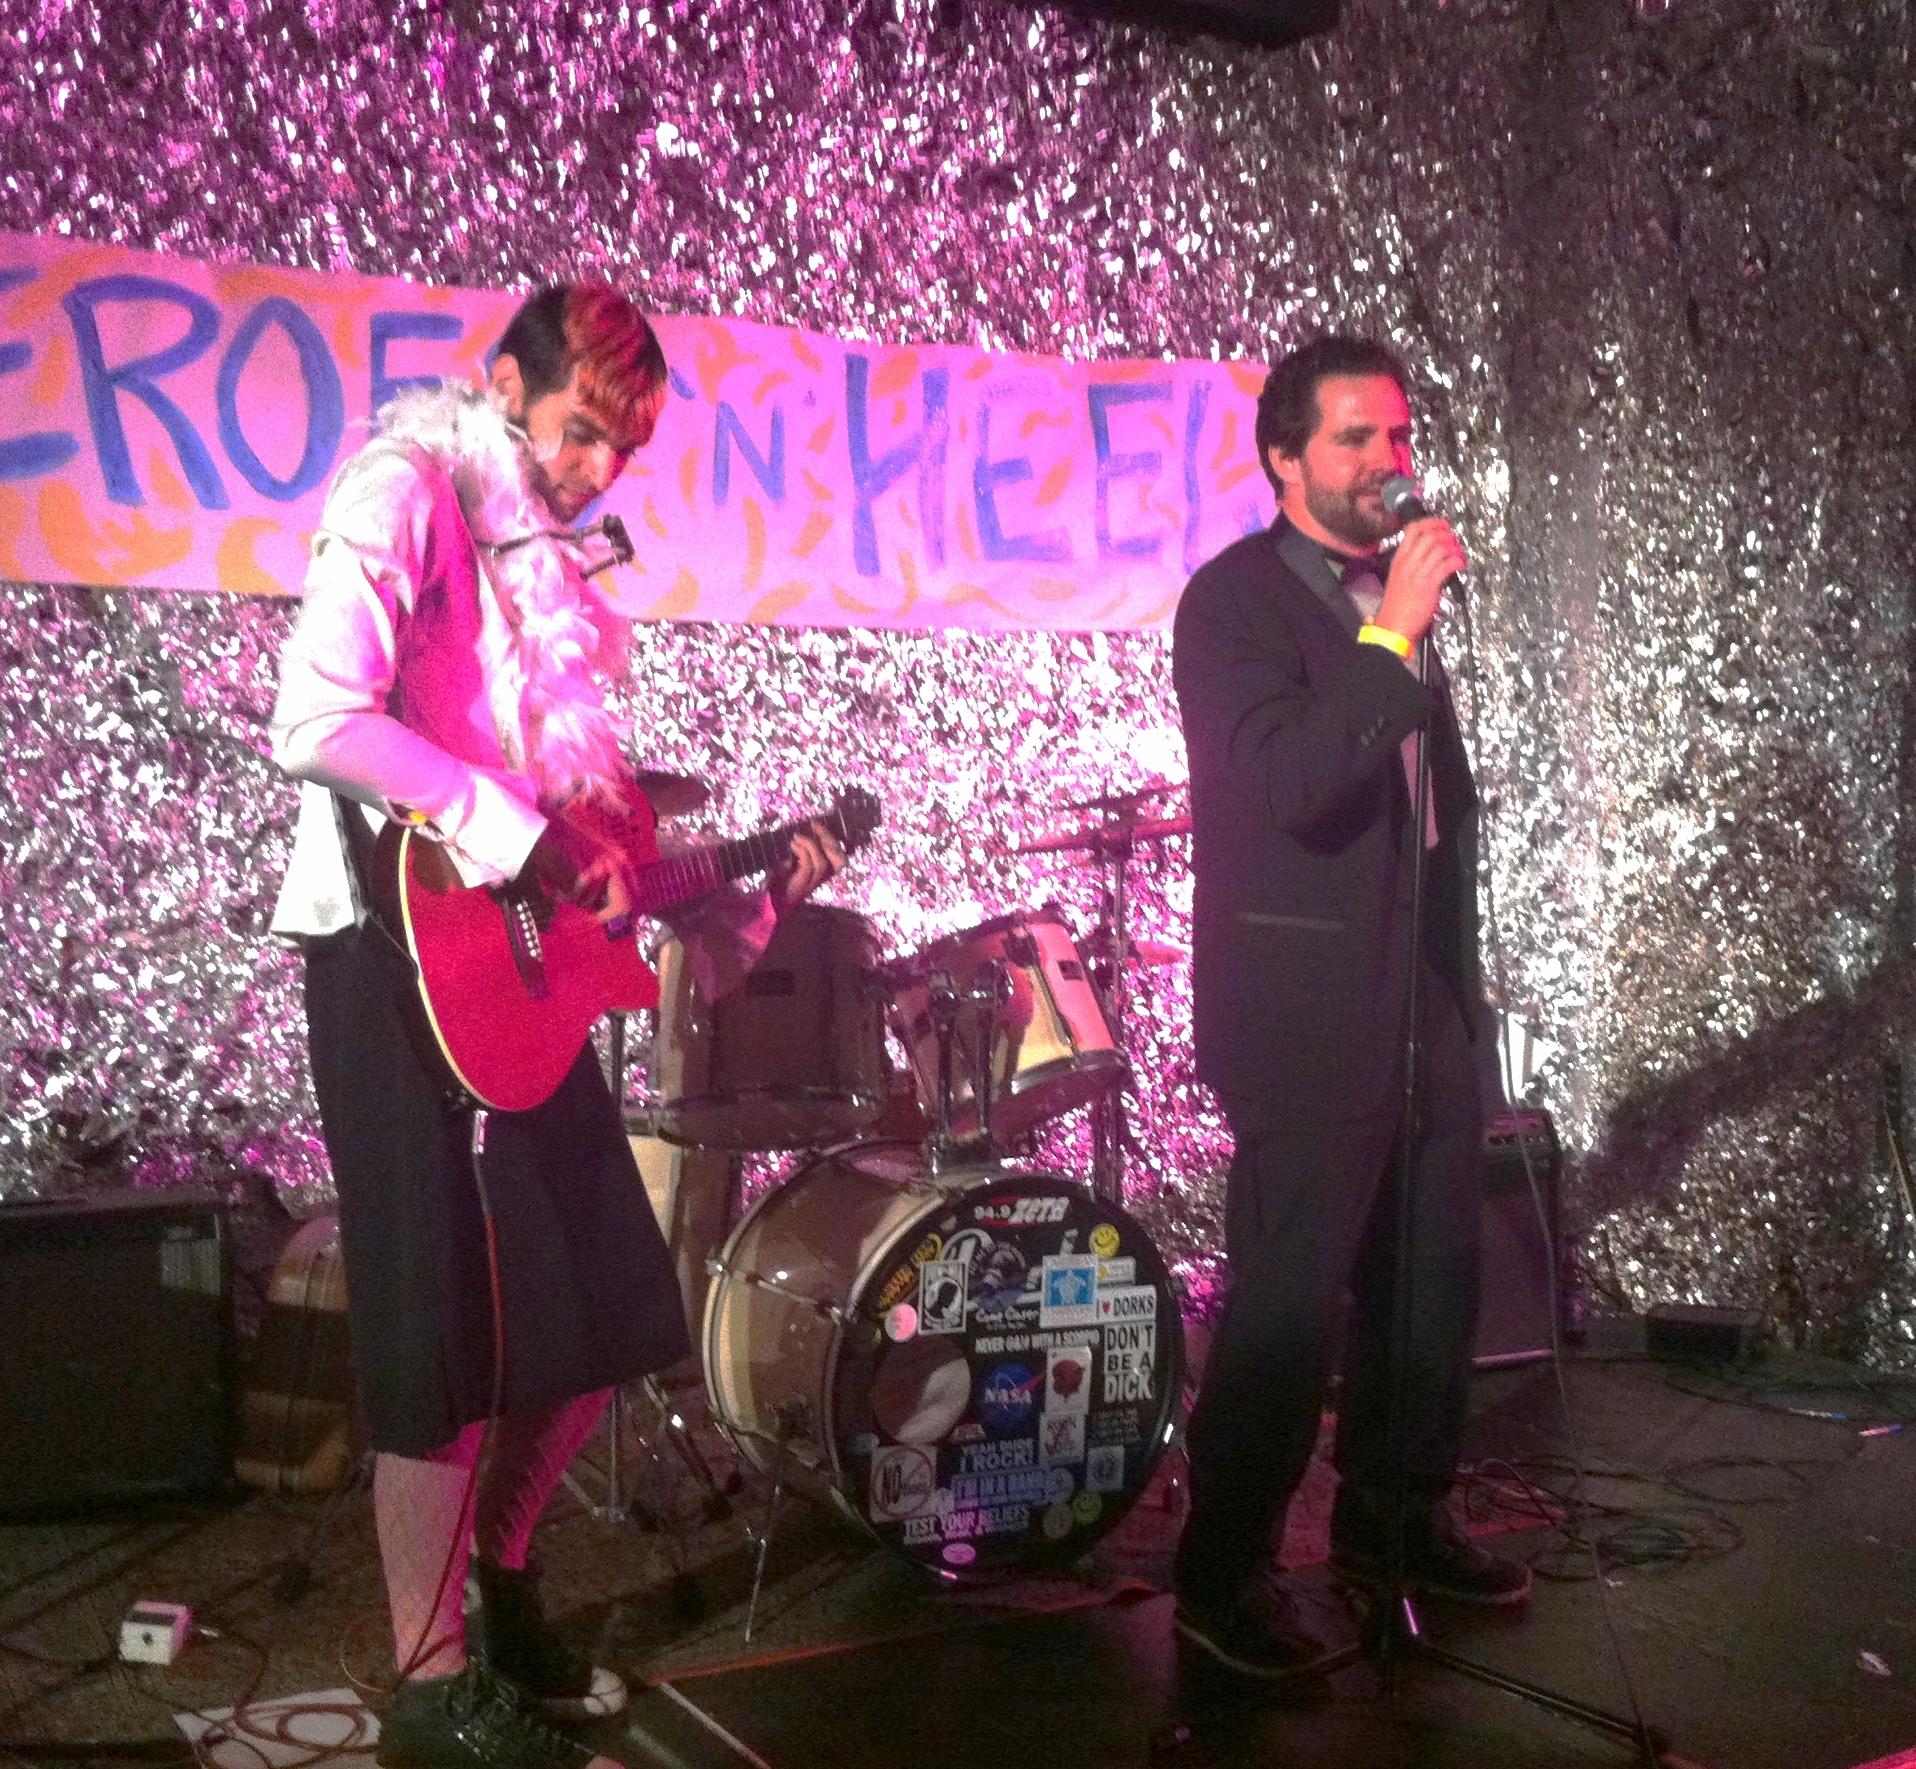 Nerd Prom II. photo by Crystal Arnette